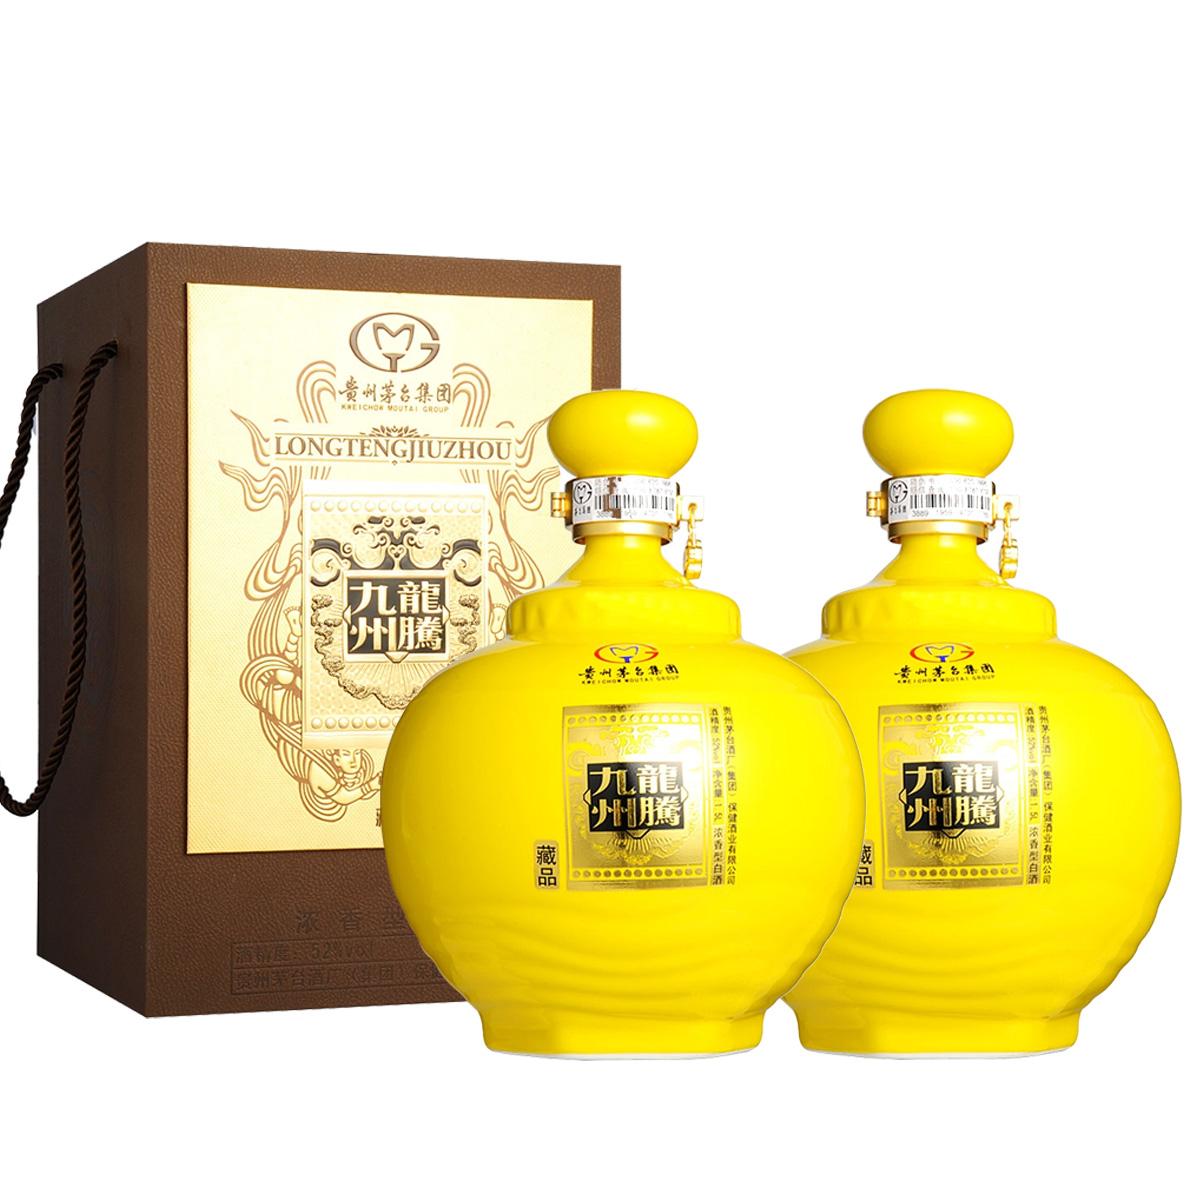 【礼盒】【老酒特卖】52°茅台集团龙腾九州藏品1500ml(2014-2015年)双瓶套